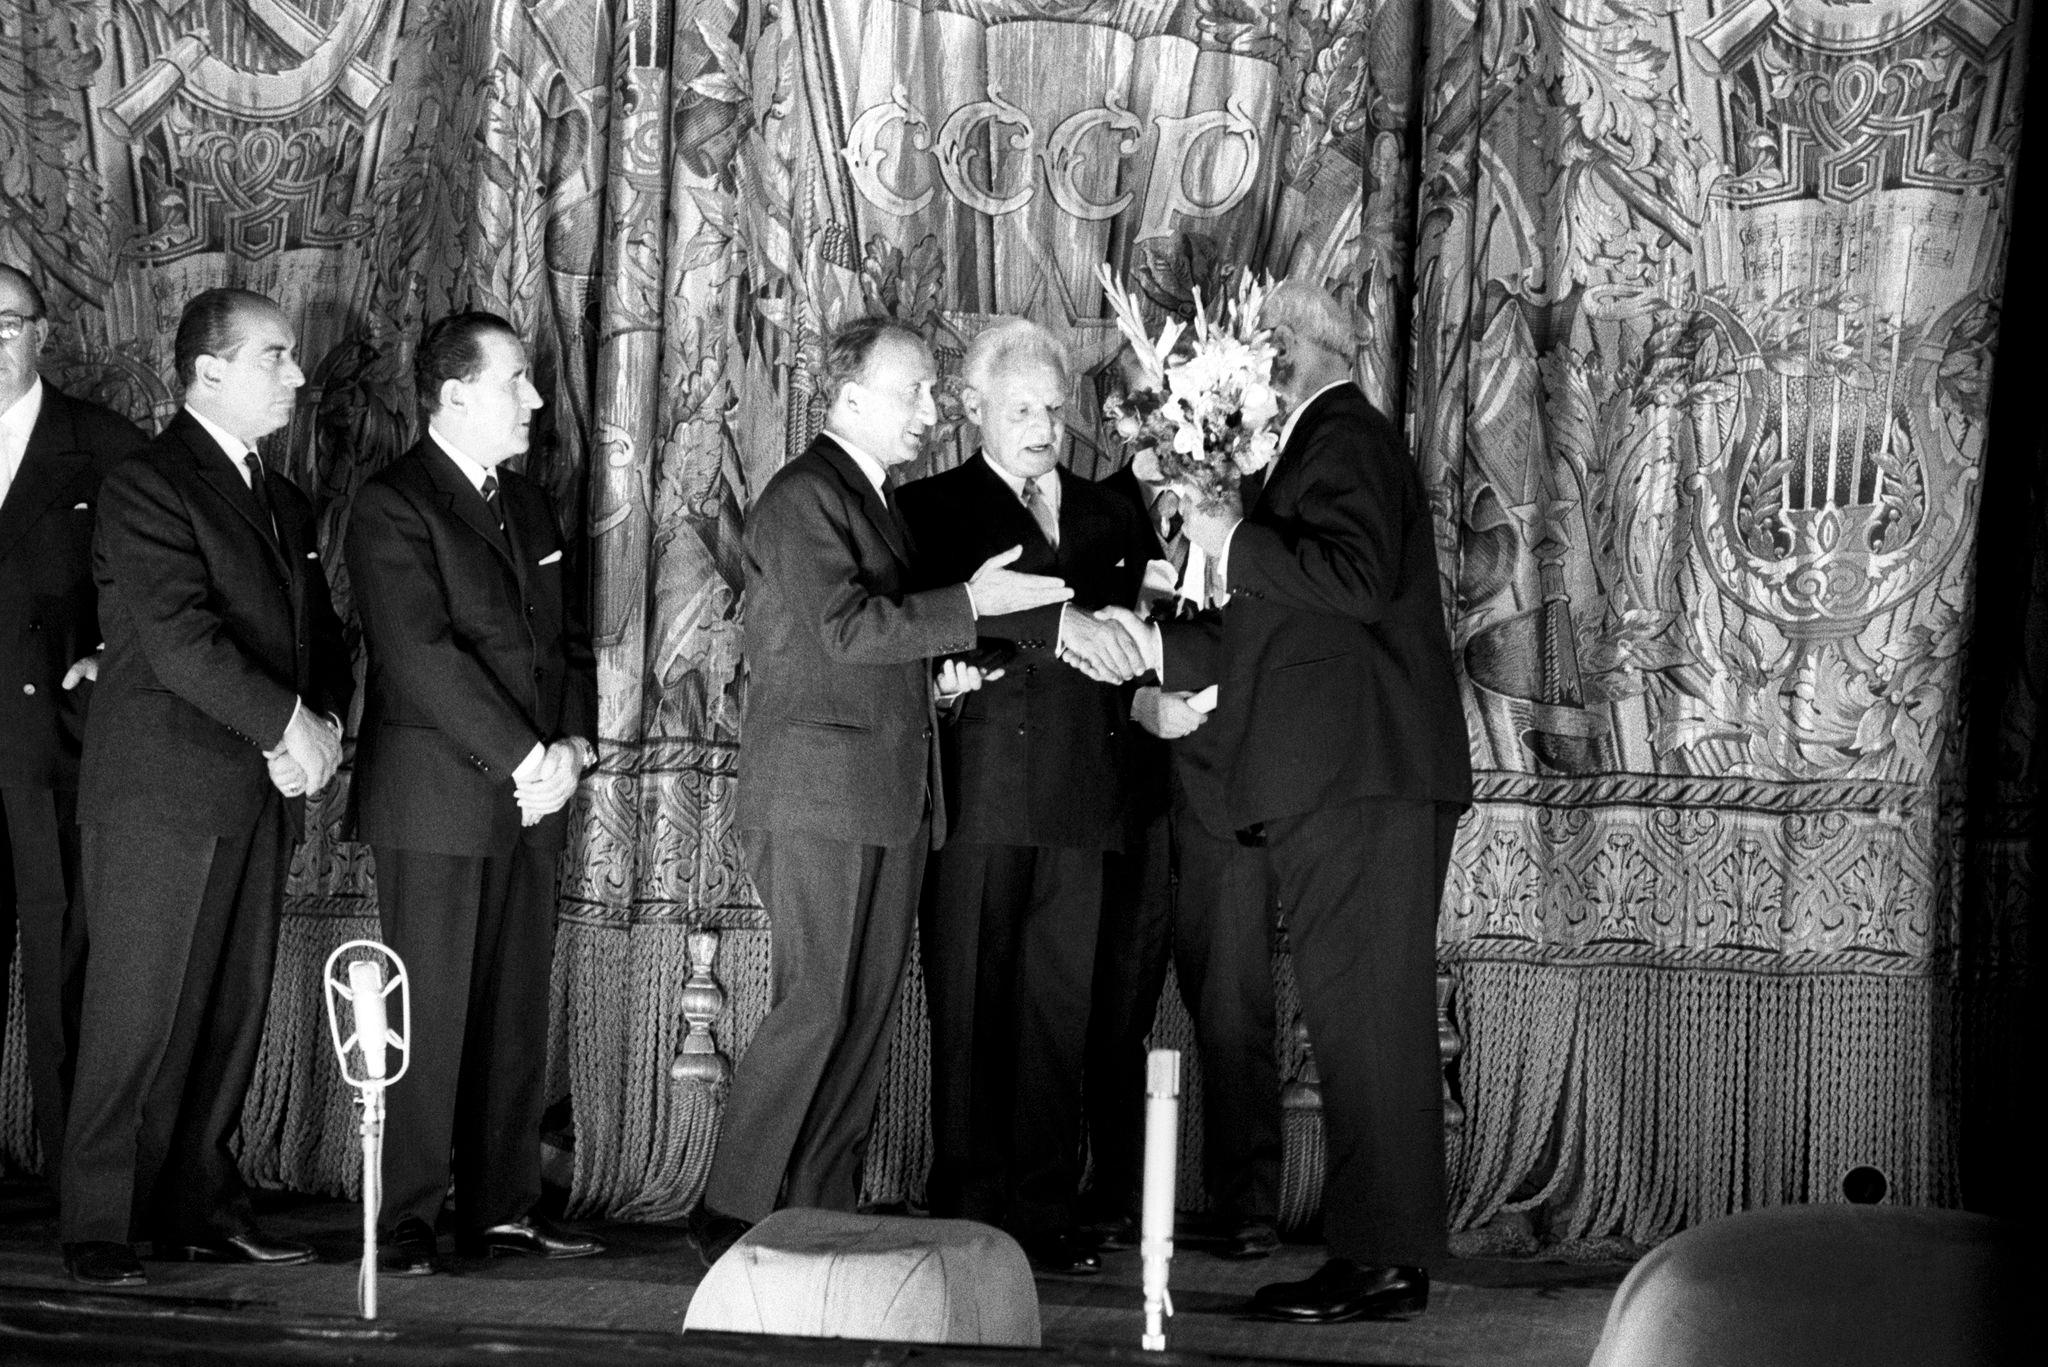 Руководство Театра ла Скала получает комплименты, цветы и рукопожатия в конце спектакля оперы «Турандот»..png